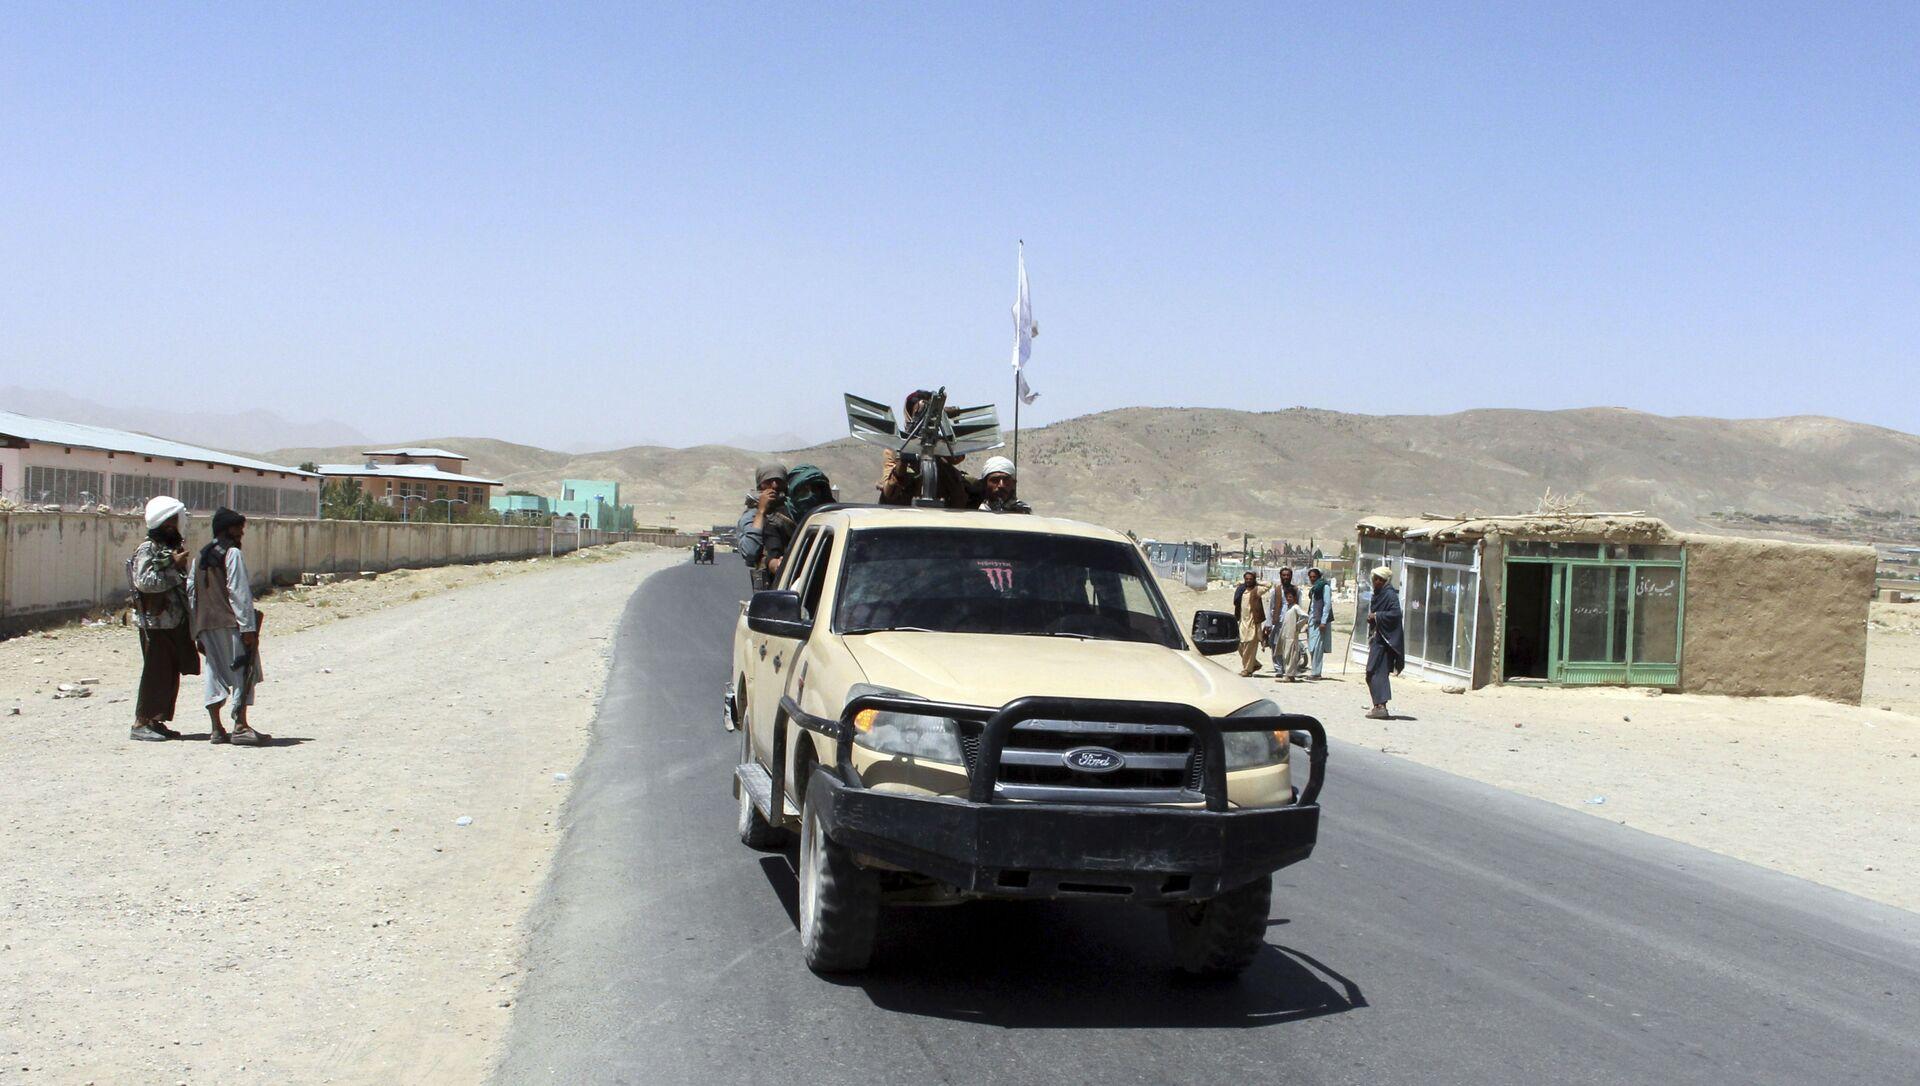 Боевики «Талибана» патрулируют город Газни, к юго-западу от Кабула, Афганистан, пятница, 13 августа 2021 г. Талибан завершил зачистку юга страны в пятницу, взяв еще четыре столицы провинций в молниеносном наступлении, которое постепенно набирает обороты. окружение Кабула, всего за несколько недель до того, как США официально завершат двухлетнюю войну. - Sputnik Абхазия, 1920, 16.08.2021